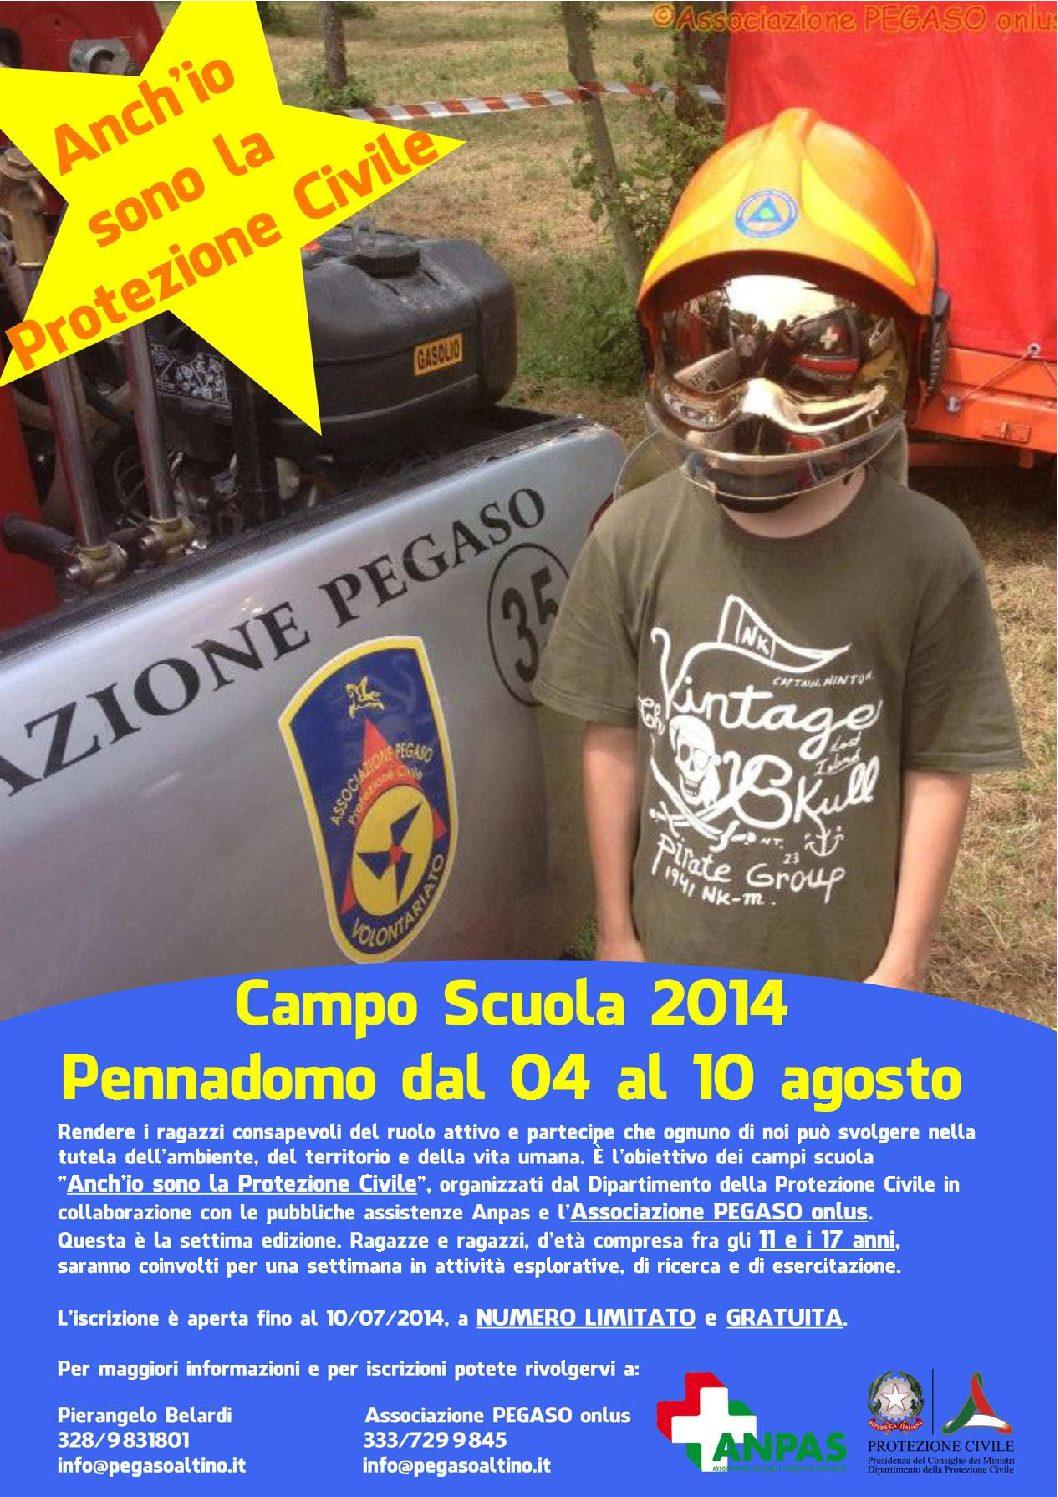 Campo Scuola 2014